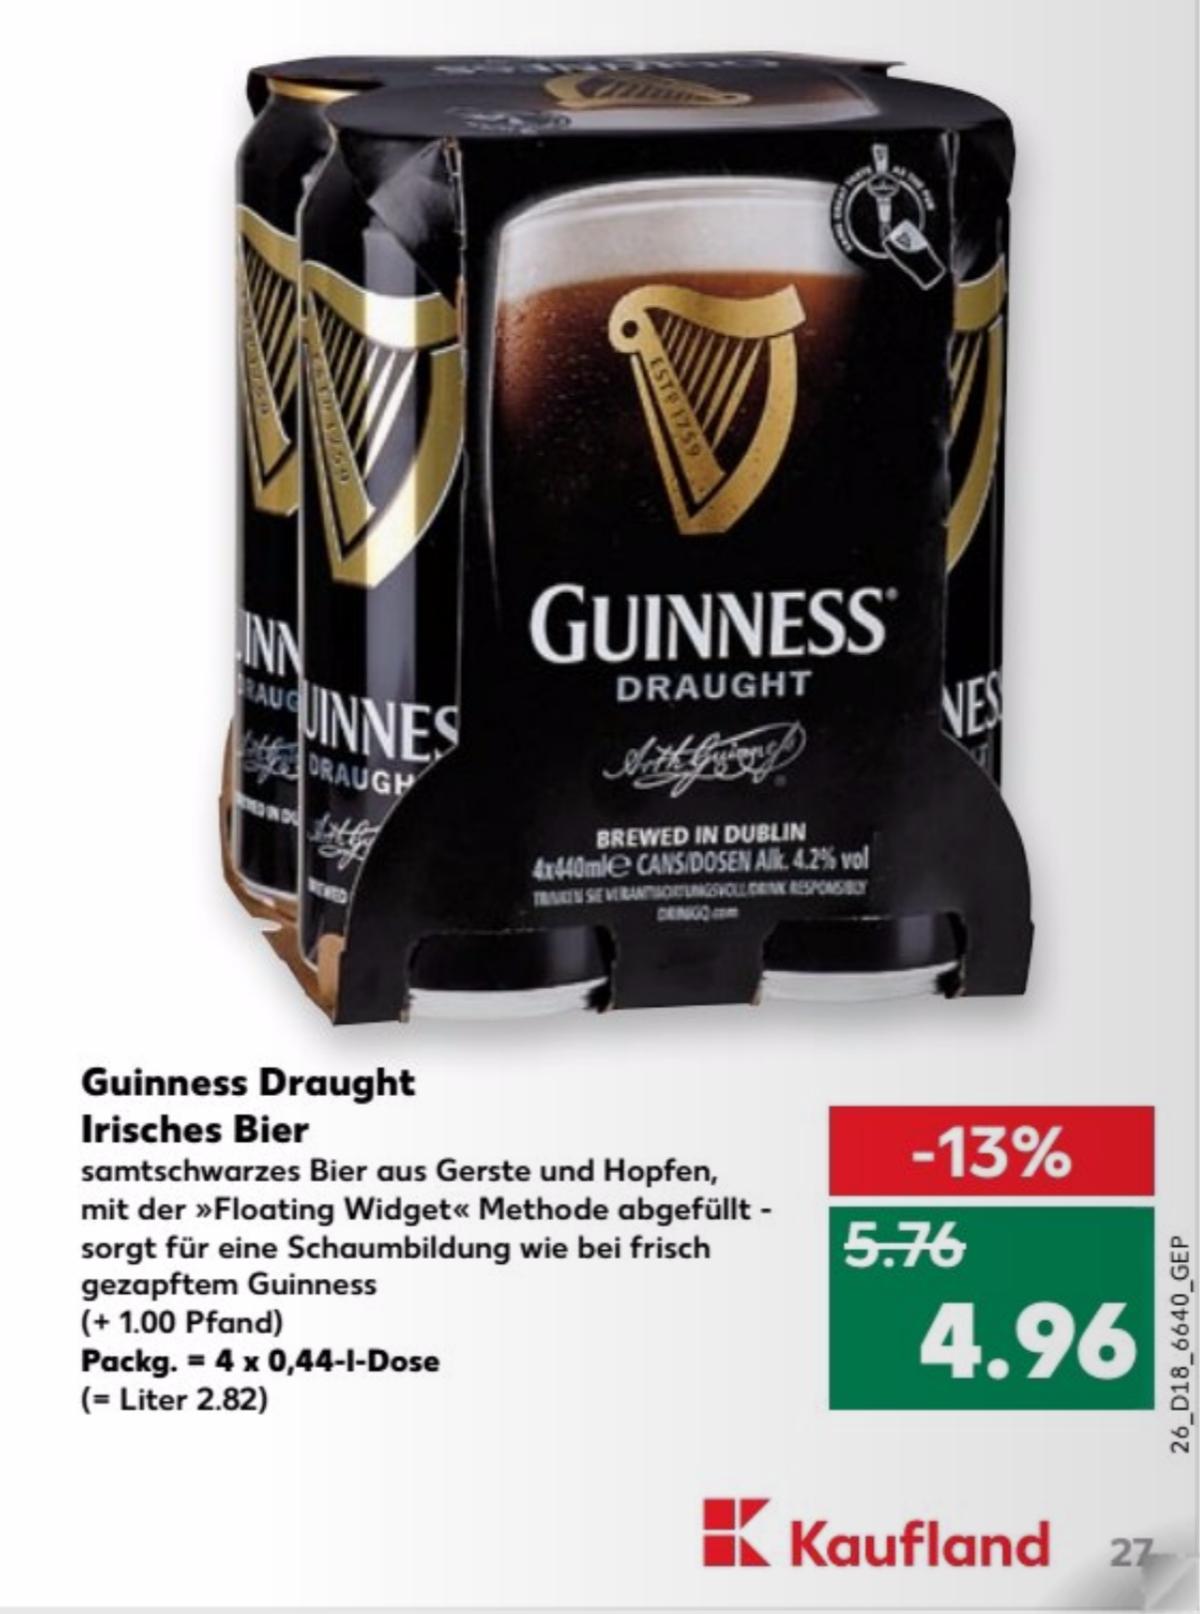 [Kaufland Süddeutschland + einige weitere Regionen] Guinness Draught irisches Bier 4x 0.44l 4.96€